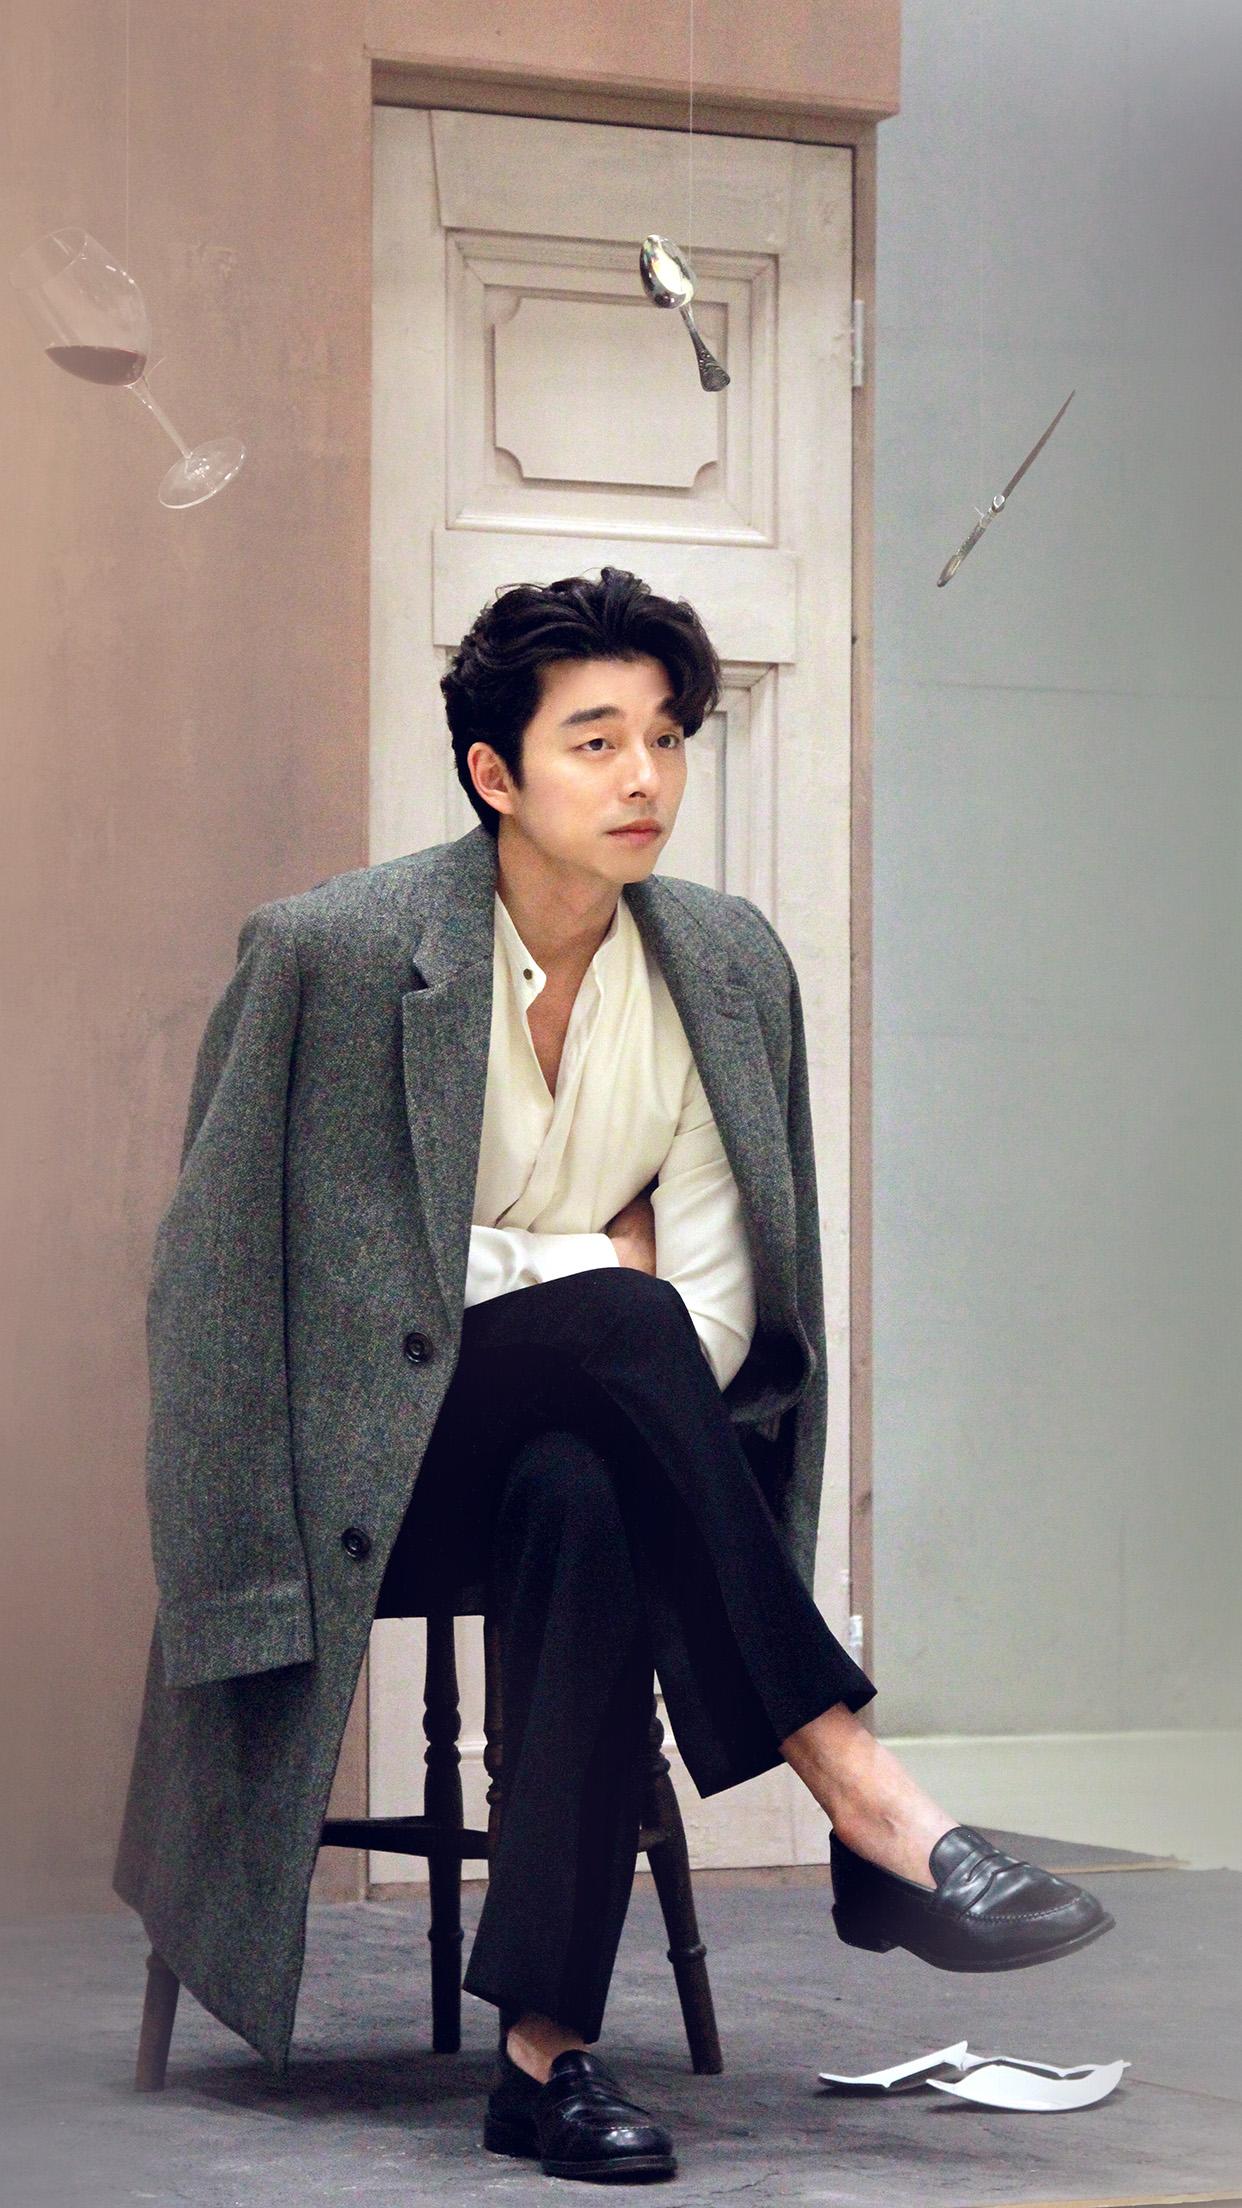 Small Cute Boy Wallpaper Hm46 Gongyoo Model Boy Celebrity Kpop Wallpaper